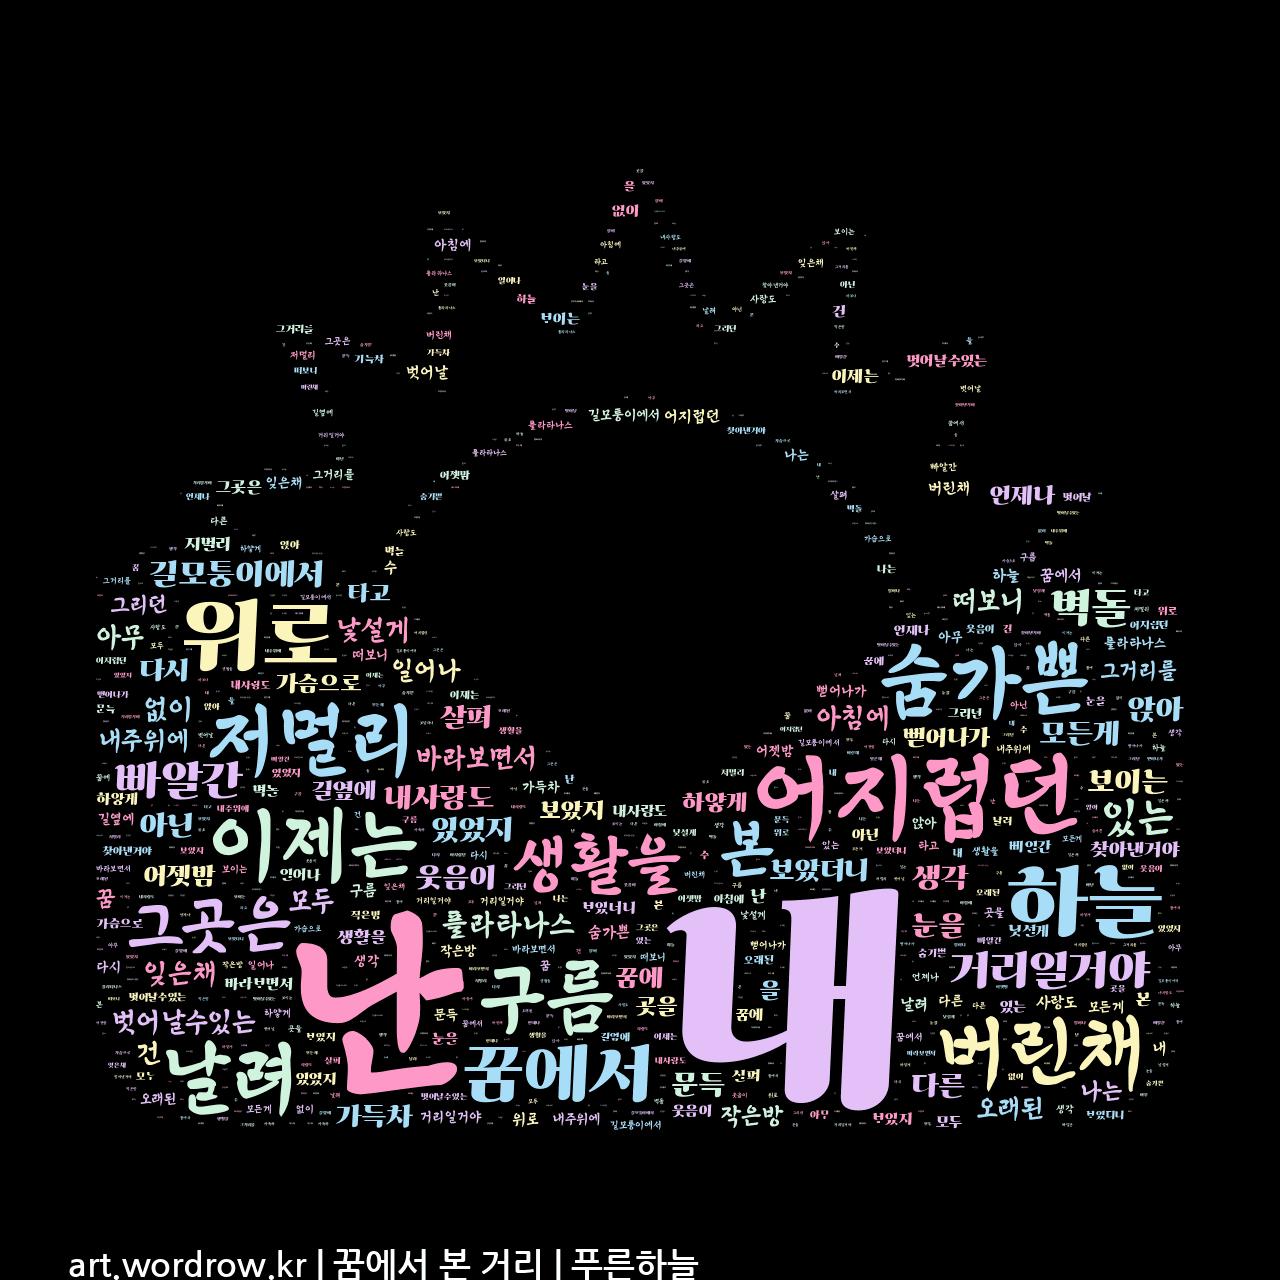 워드 아트: 꿈에서 본 거리 [푸른하늘]-10